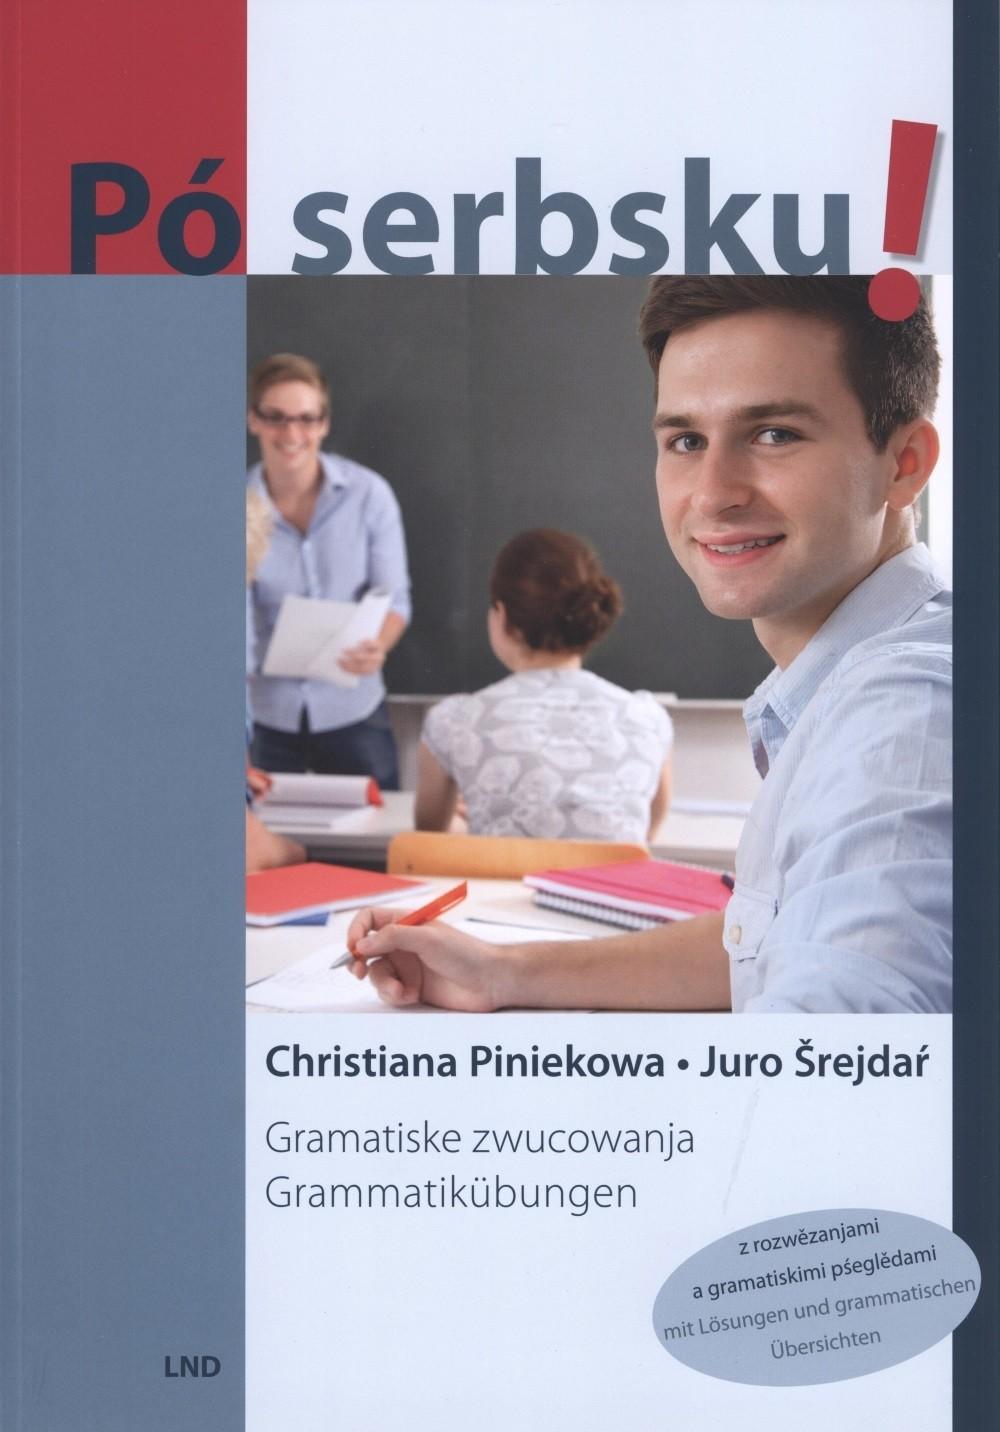 Pó serbsku!